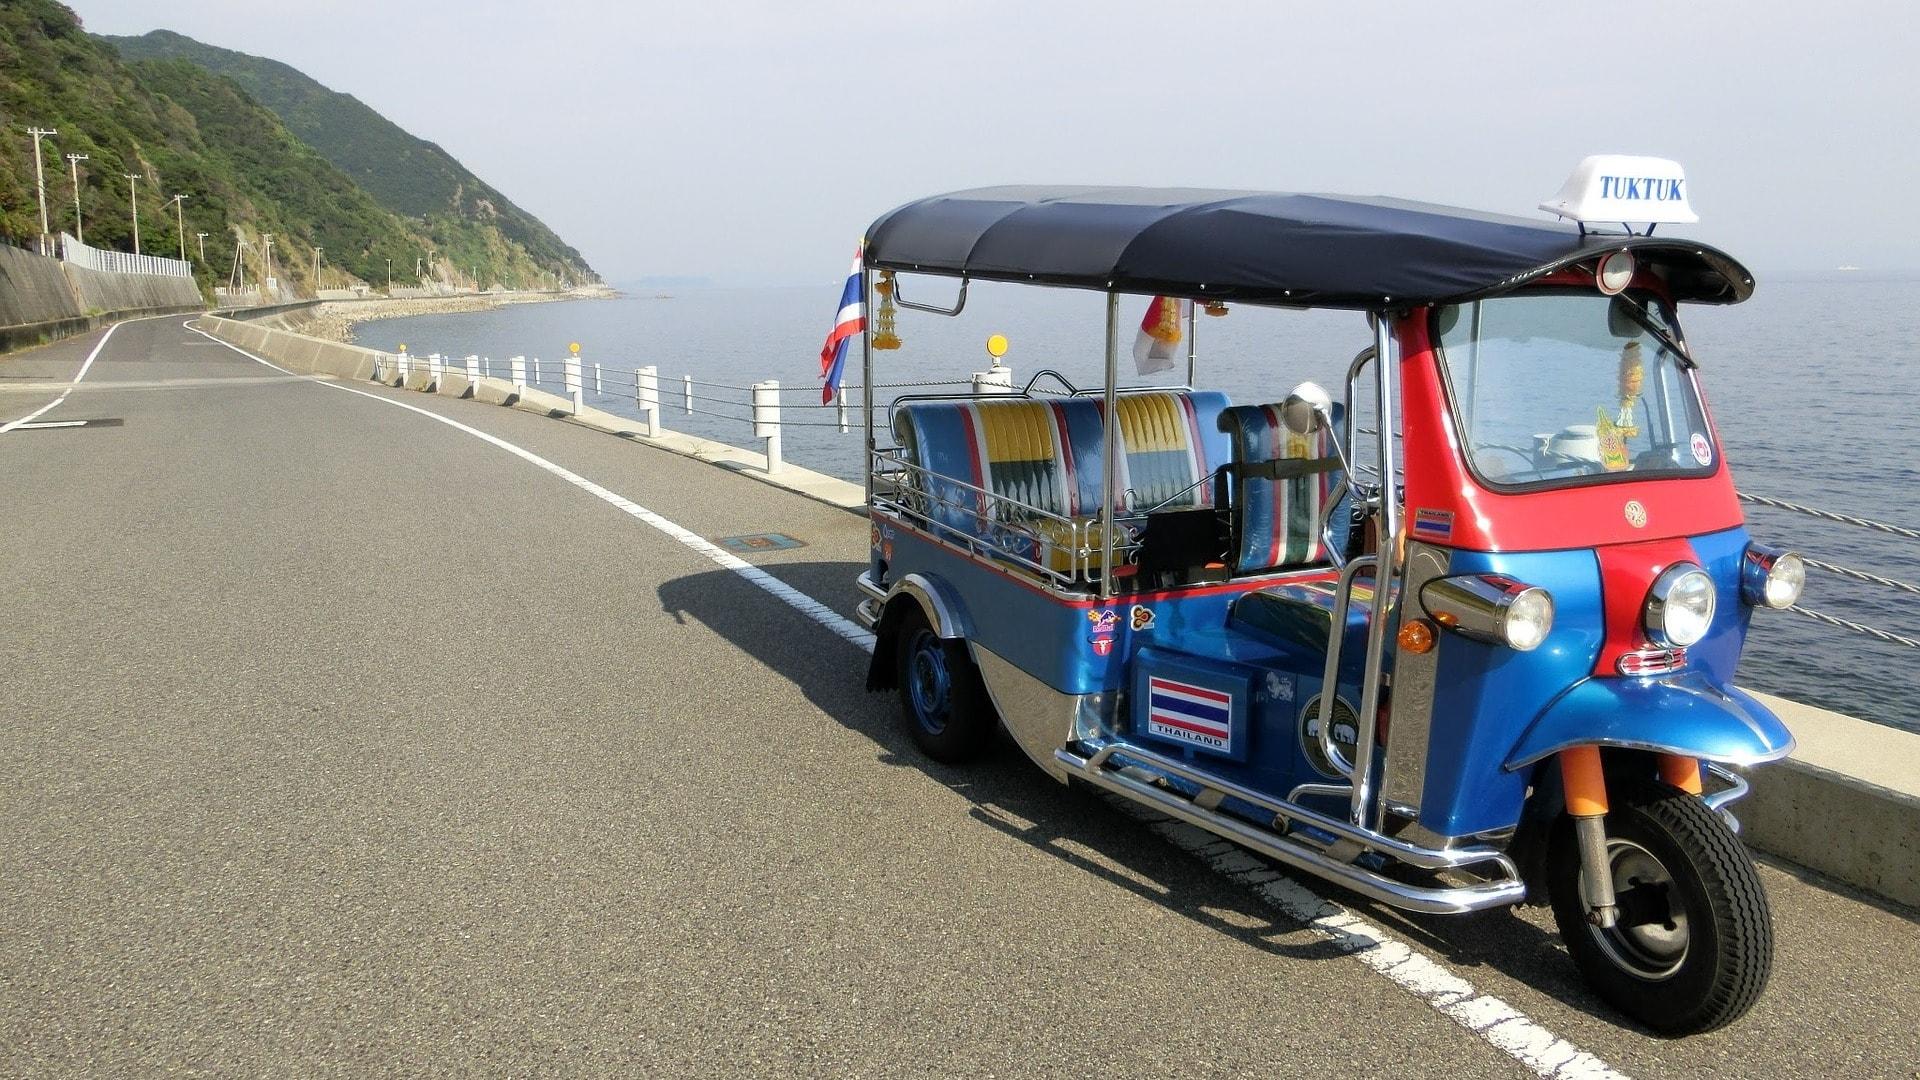 Ein Ausflug mit dem Tuk Tuk ist 1000 mal besser als mit einem Touribus.